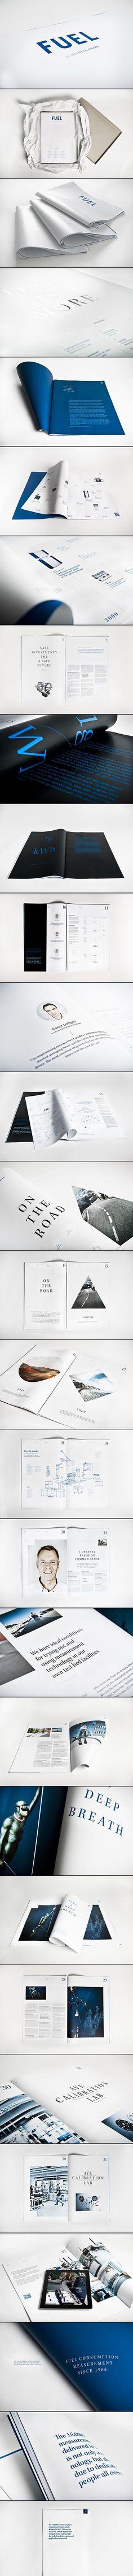 http://www.behance.net/gallery/AVL-Magazin-Corporate-Publishing/7694139